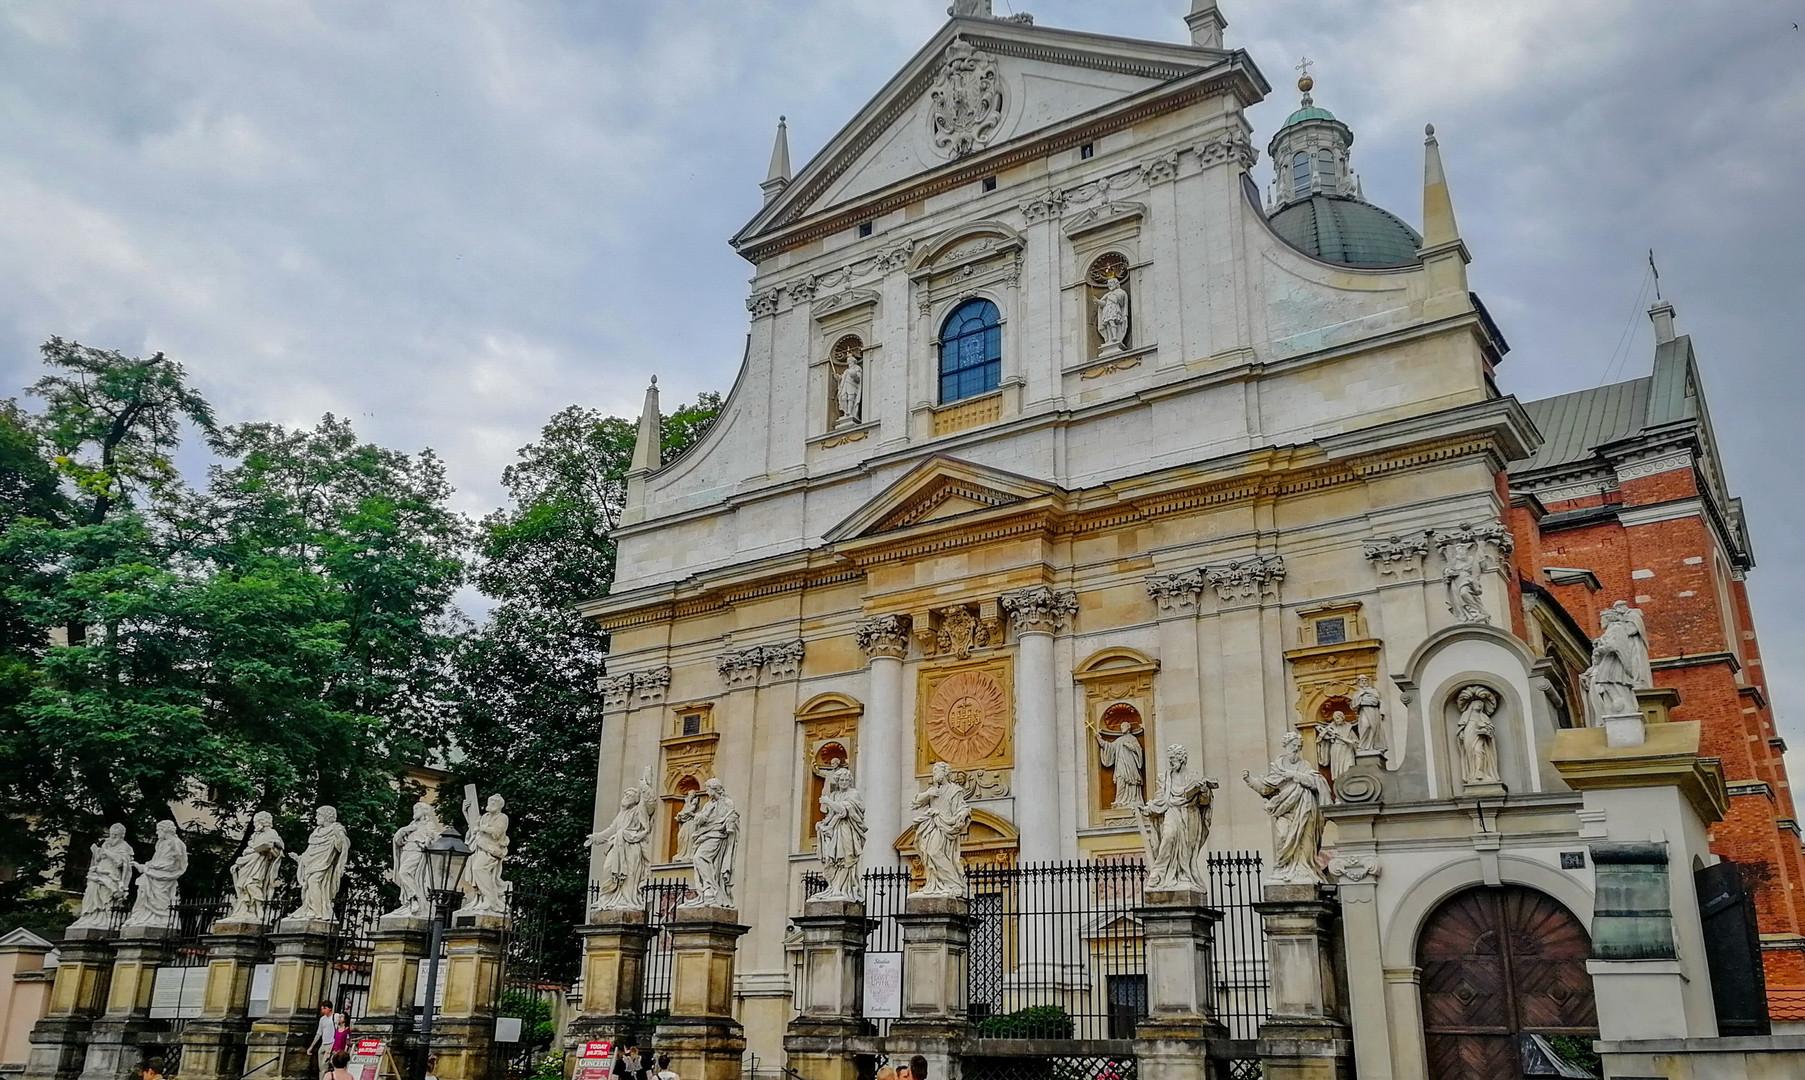 Монастырь доминиканцев в Кракове